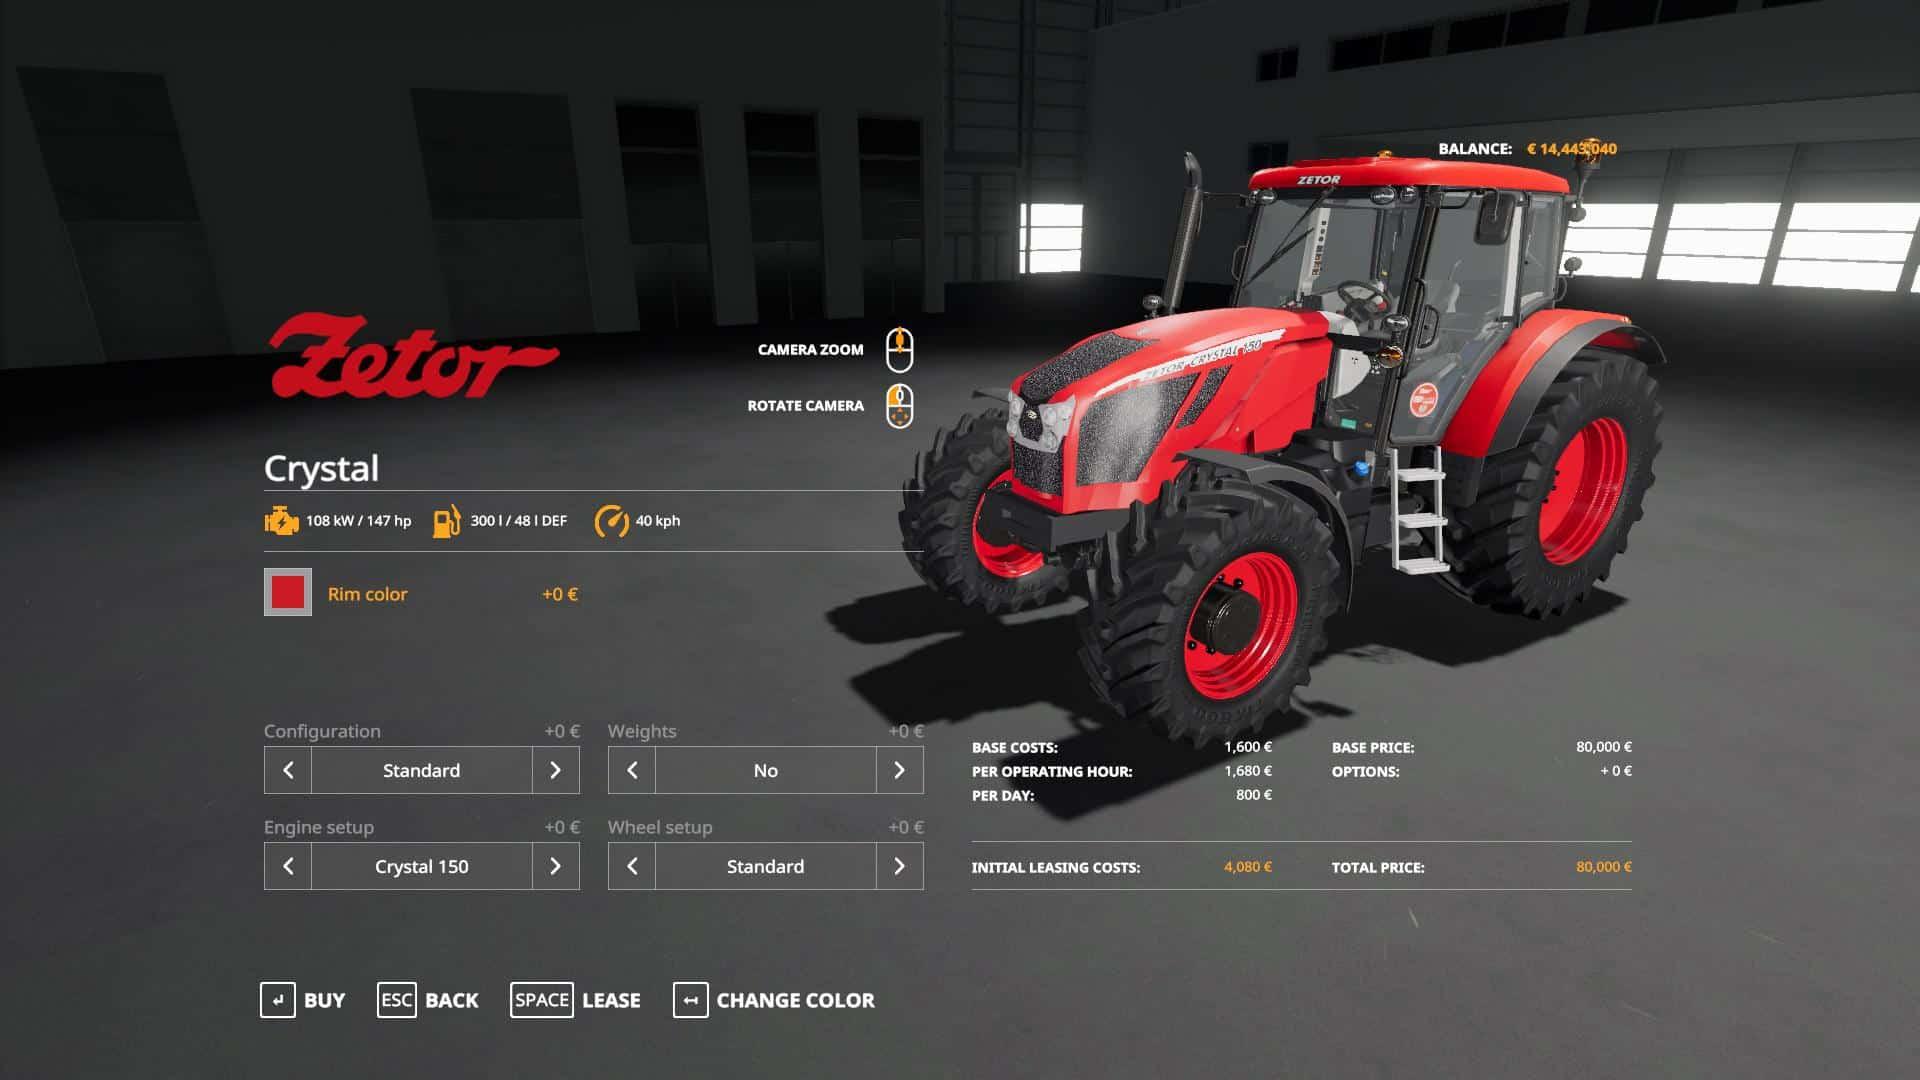 Fs19 Zetor Crystal 150 160 V2 0 Farming Simulator 19